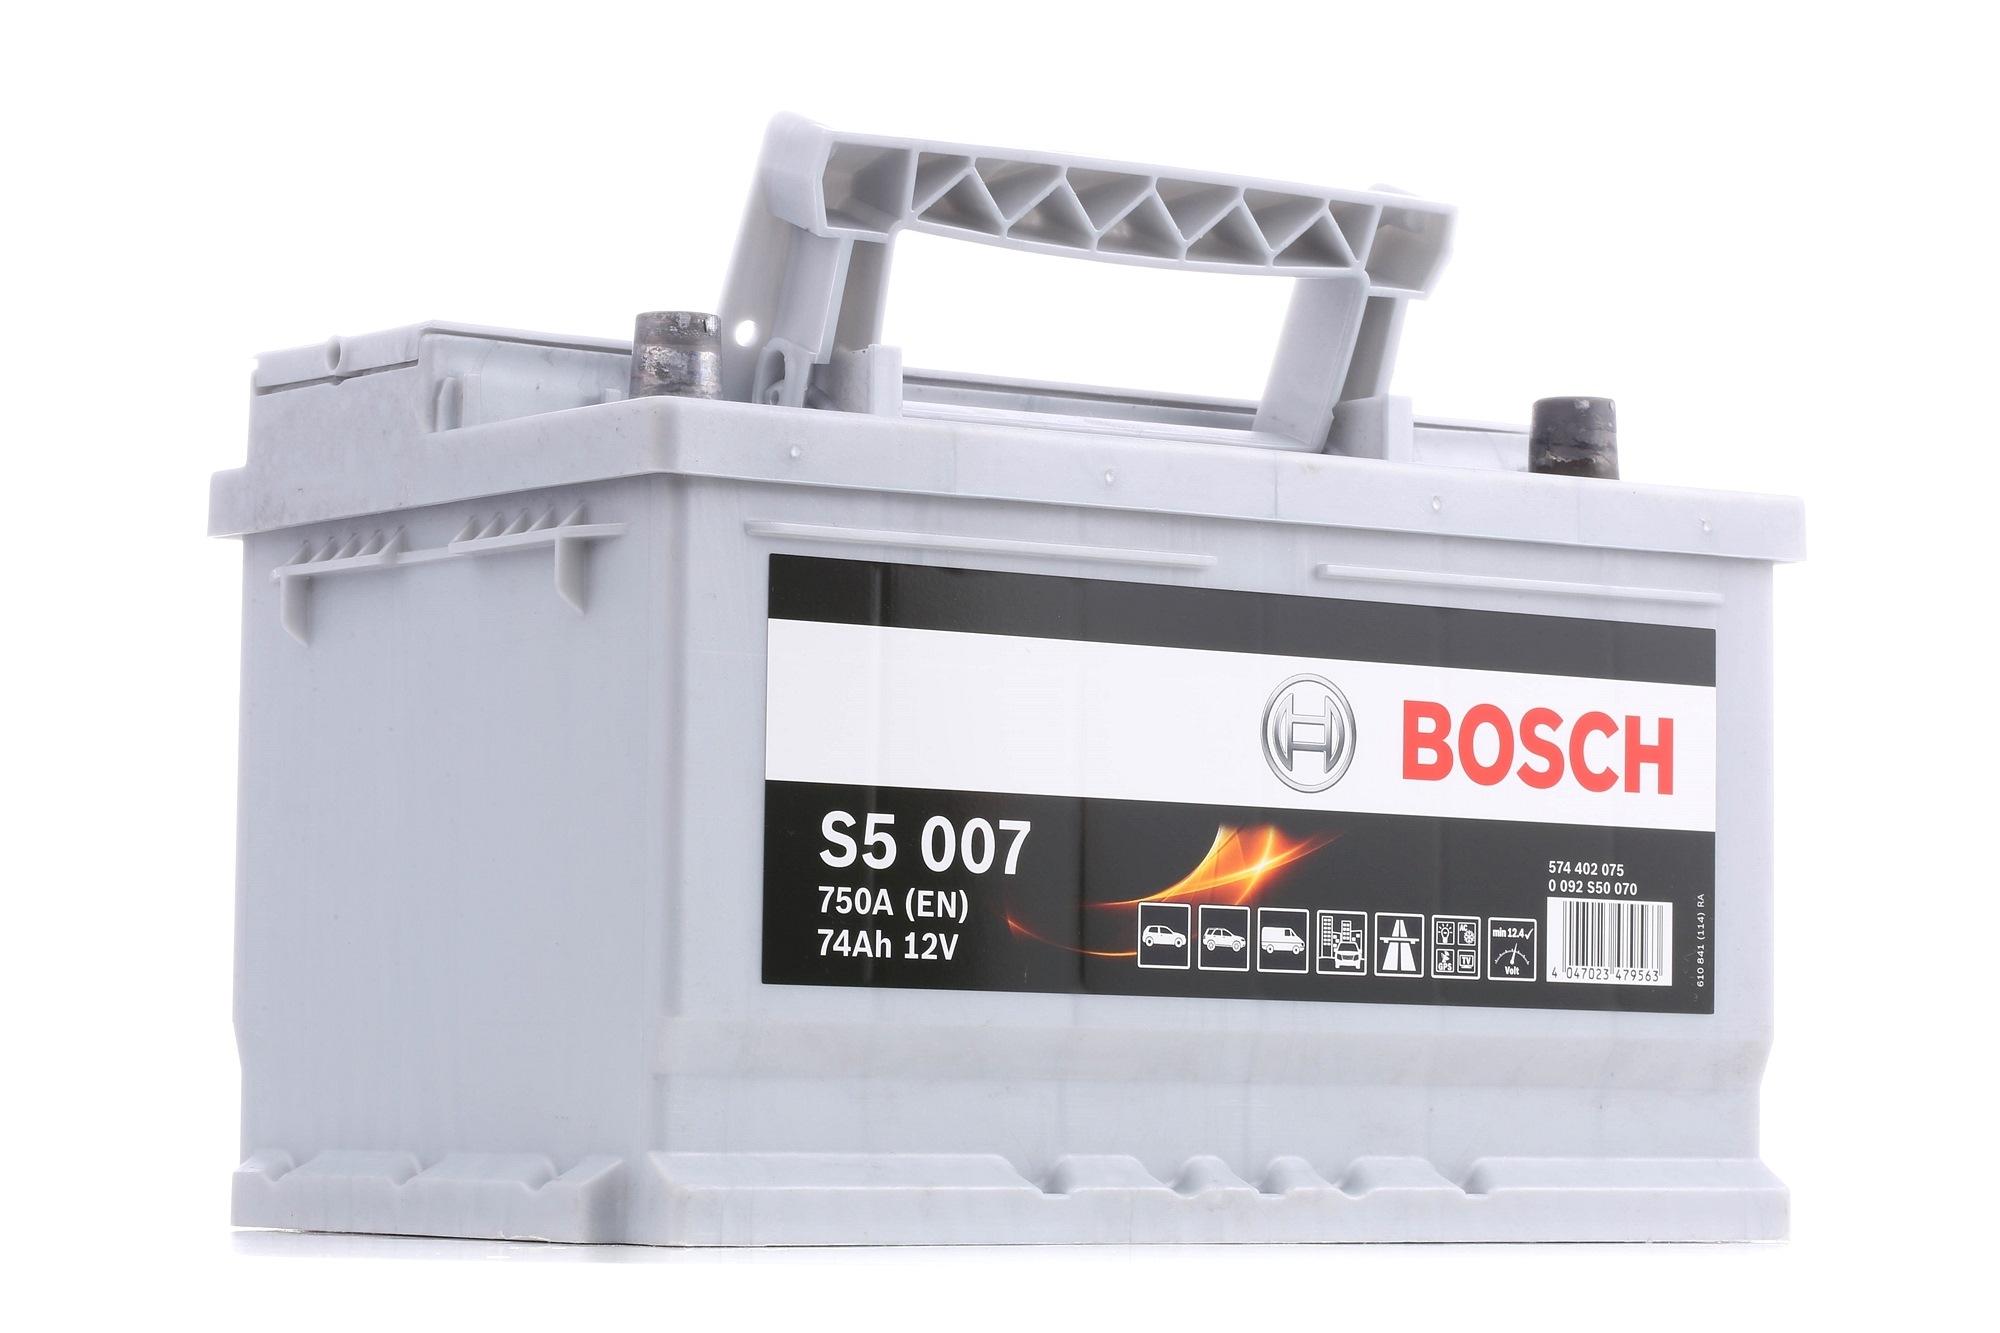 Batterie BOSCH 574402075 Bewertung